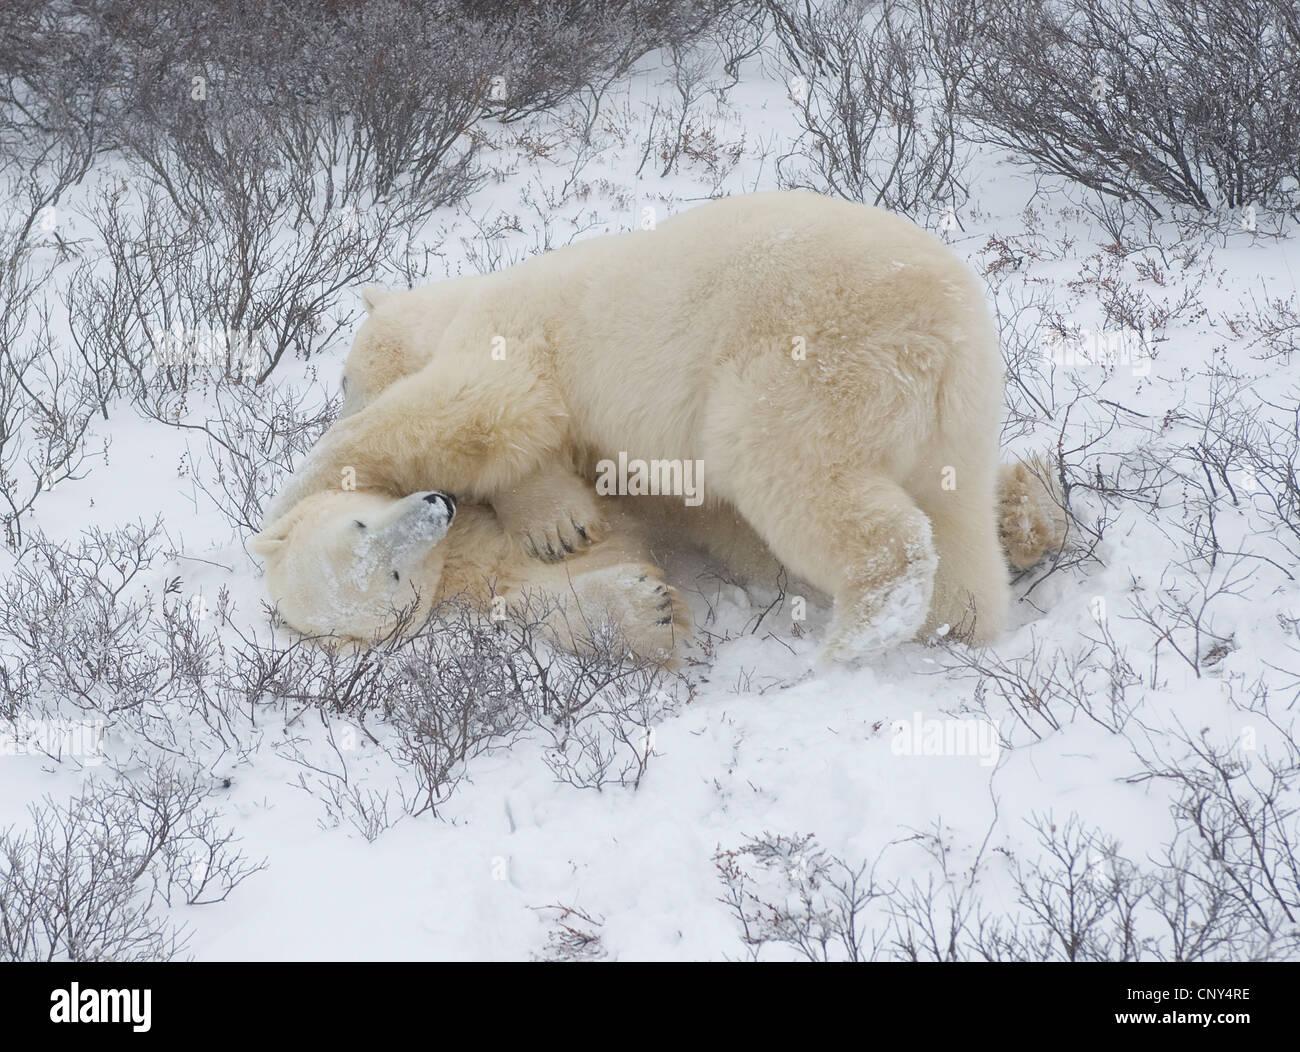 Los osos polares luchando en la nieve, Churchill, Canadá Imagen De Stock